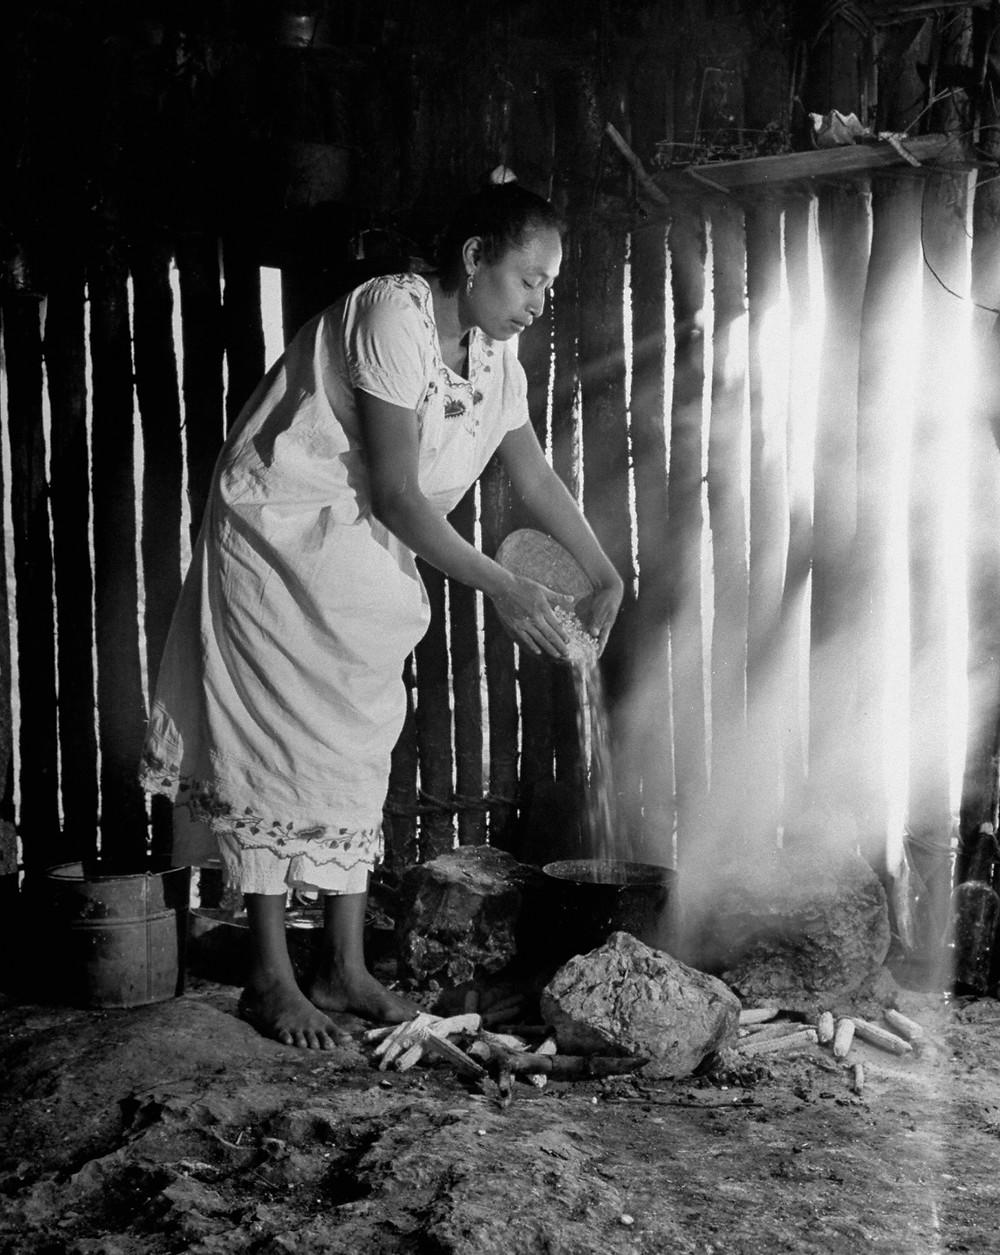 Женщина народа Майя готовит кукурузу. Дмитрий Кессель, март 1947 г. Фотография из собрания LIFE Magazine.